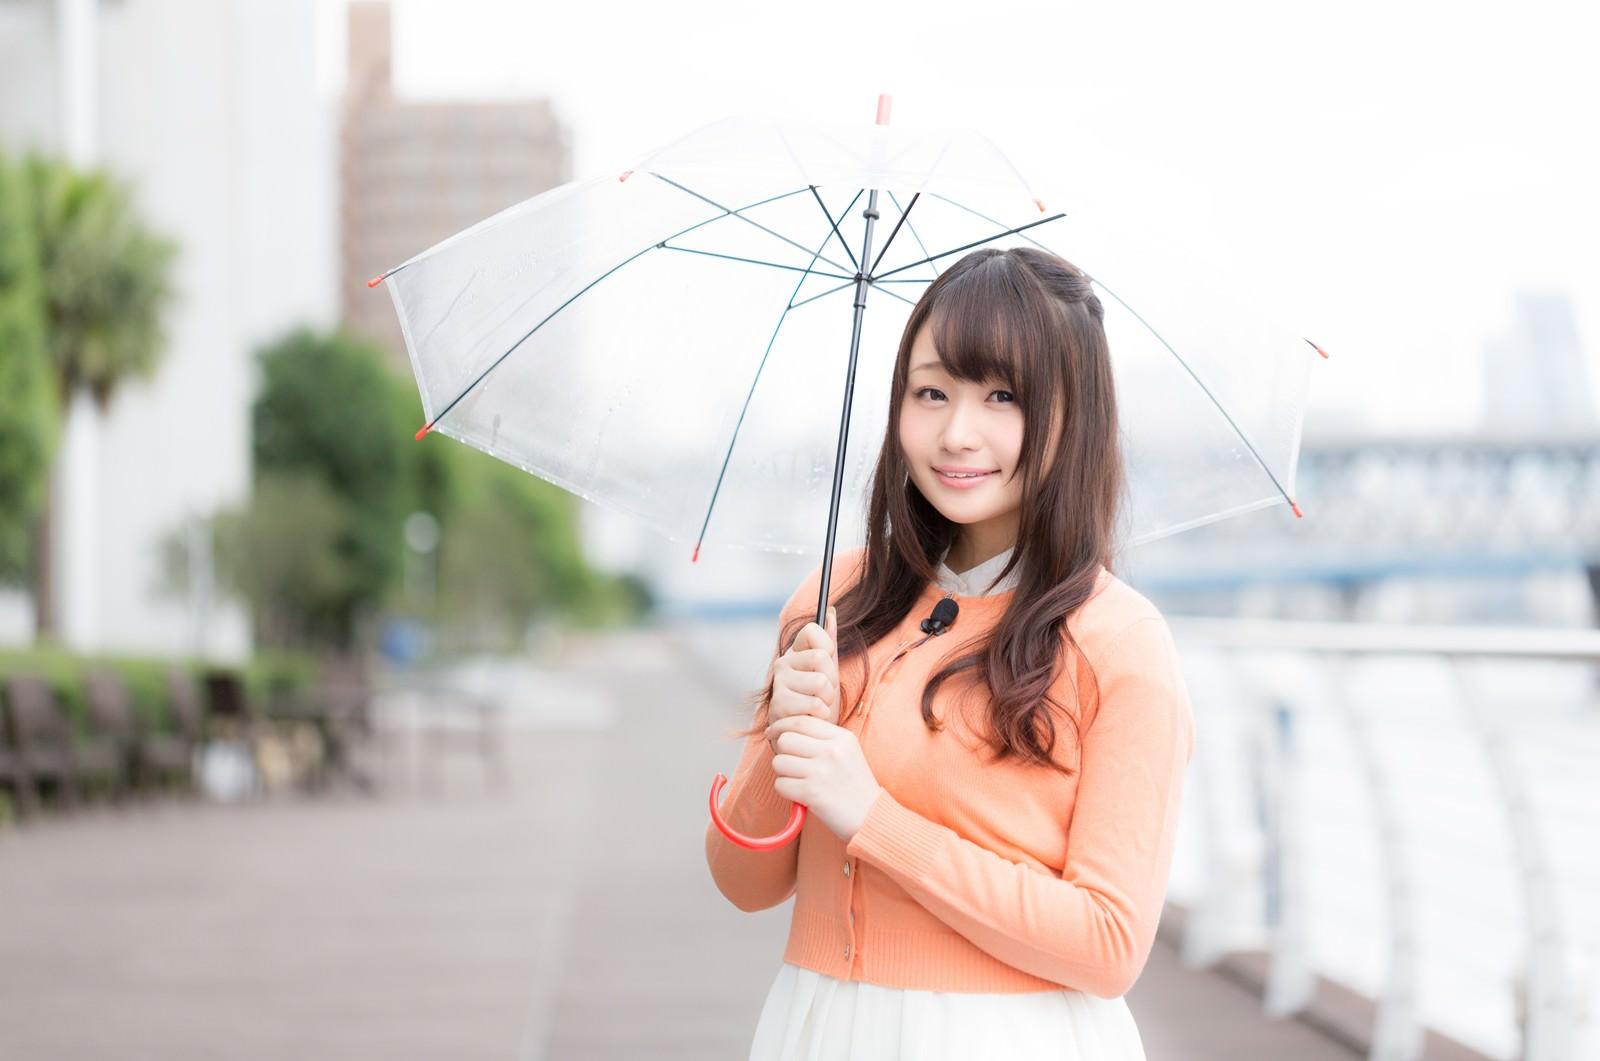 「雨の様子を傘をさして伝える美人キャスター雨の様子を傘をさして伝える美人キャスター」のフリー写真素材を拡大